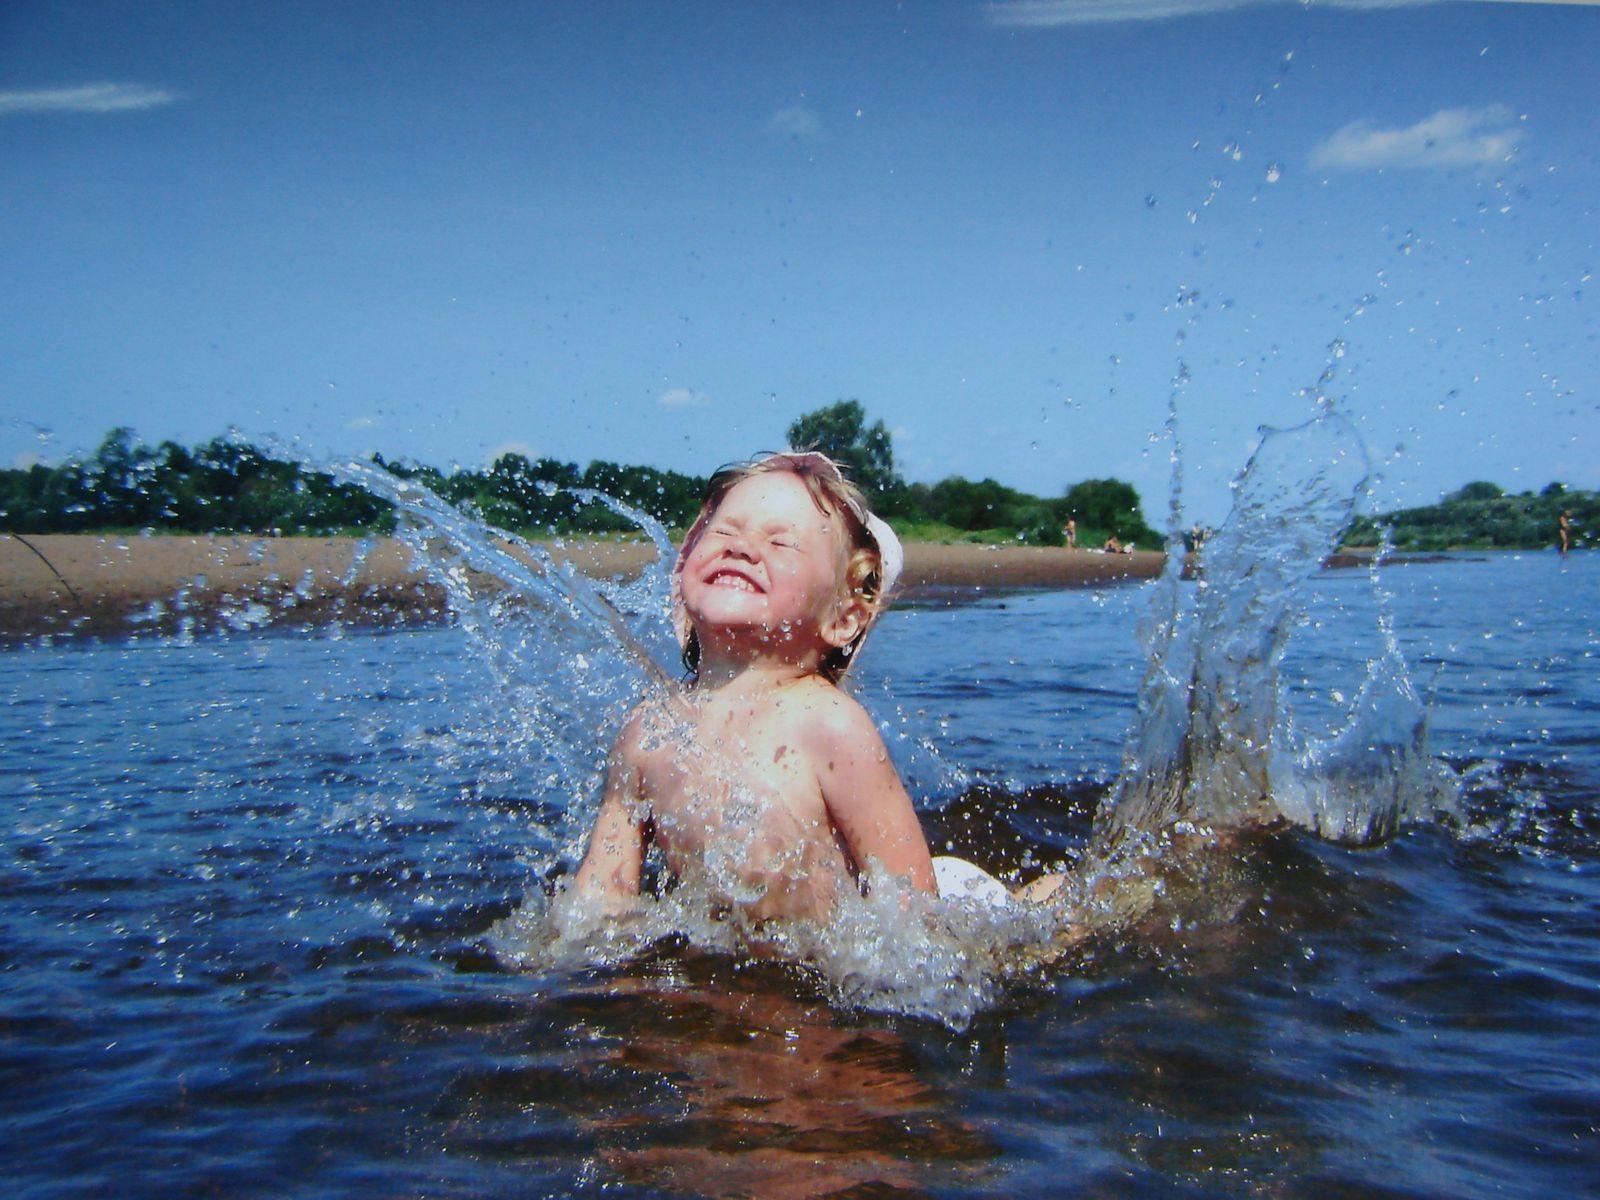 С 24 июля детям разрешено купаться в Случи - Слуцк Деловой